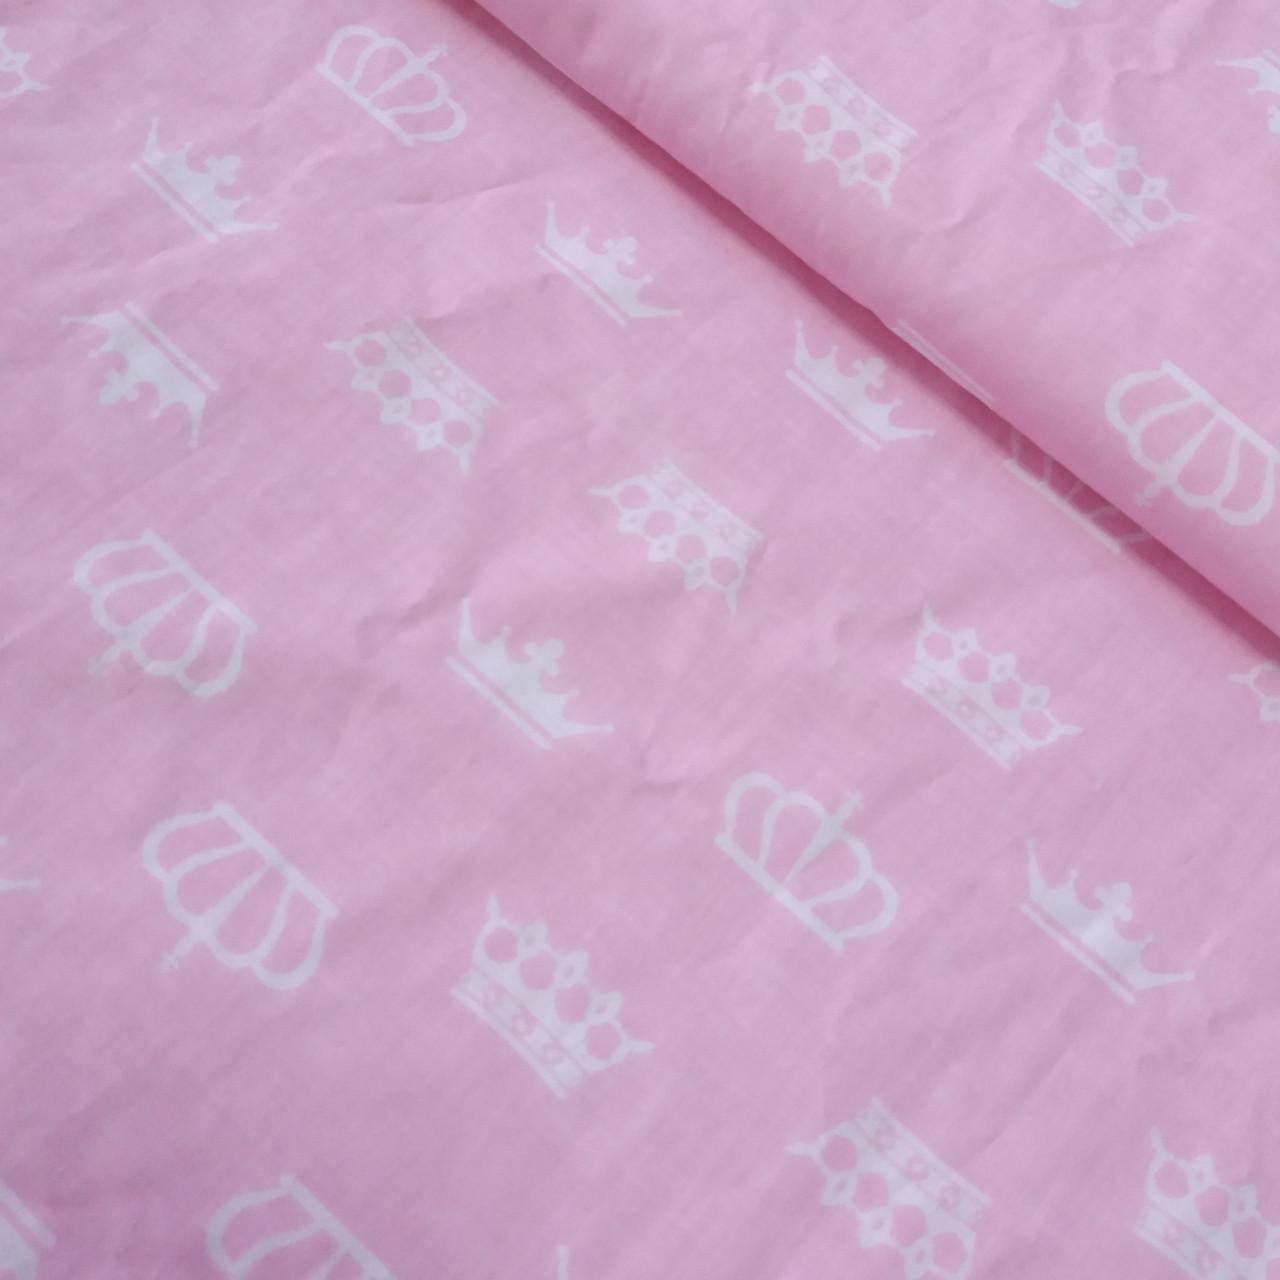 Купить ткань для детского постельного белья в розницу интернет магазине асбестовую ткань купить в екатеринбурге